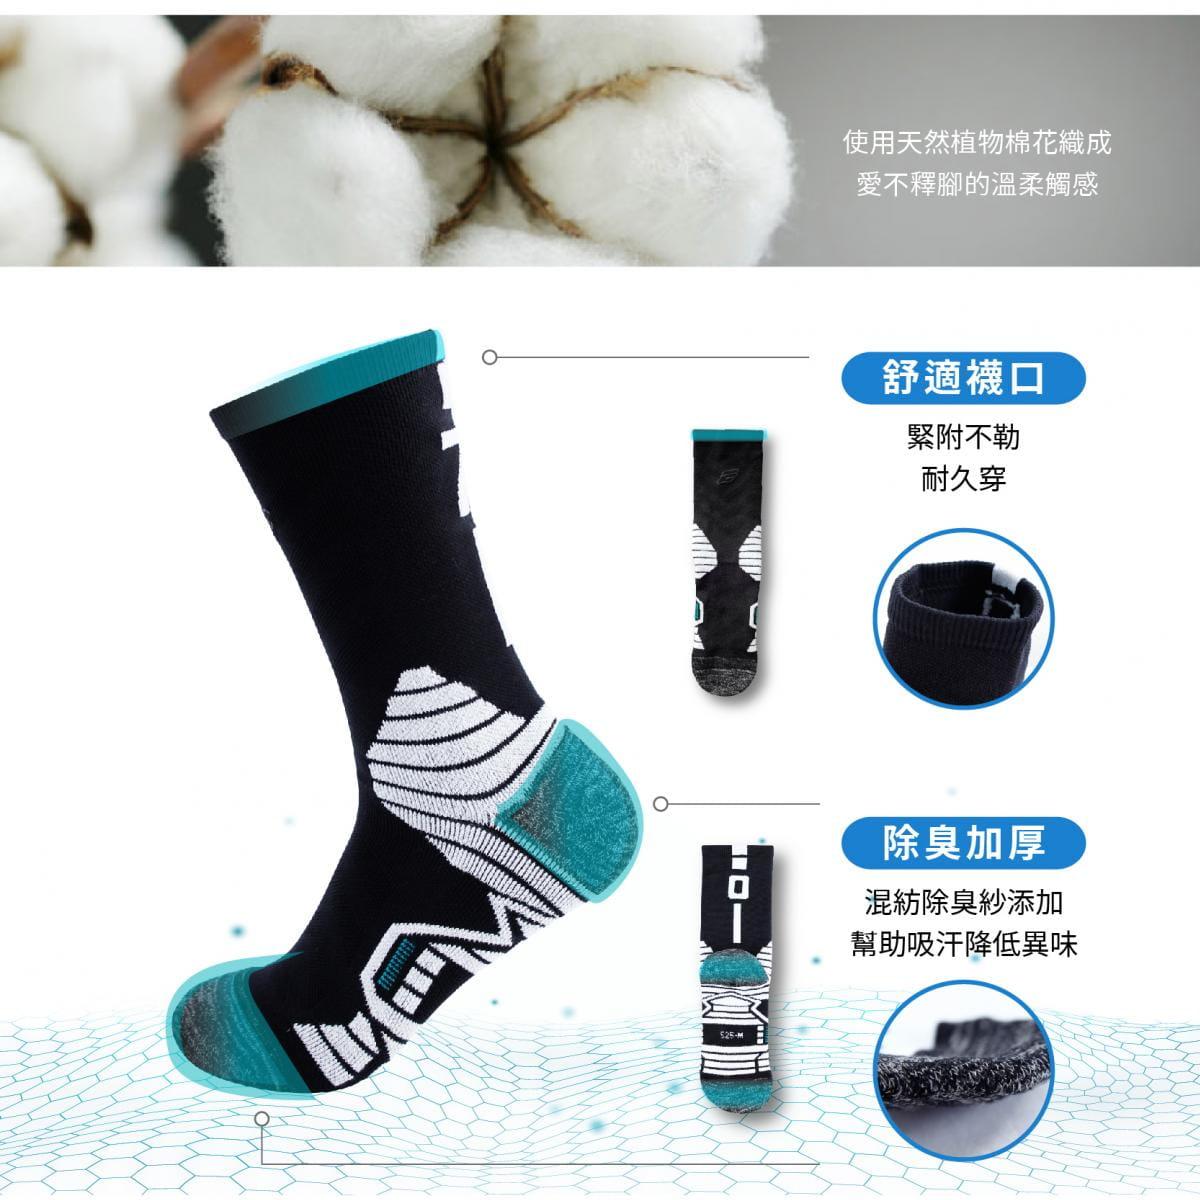 【FAV】運動加大除臭數字襪(單隻販售) 4